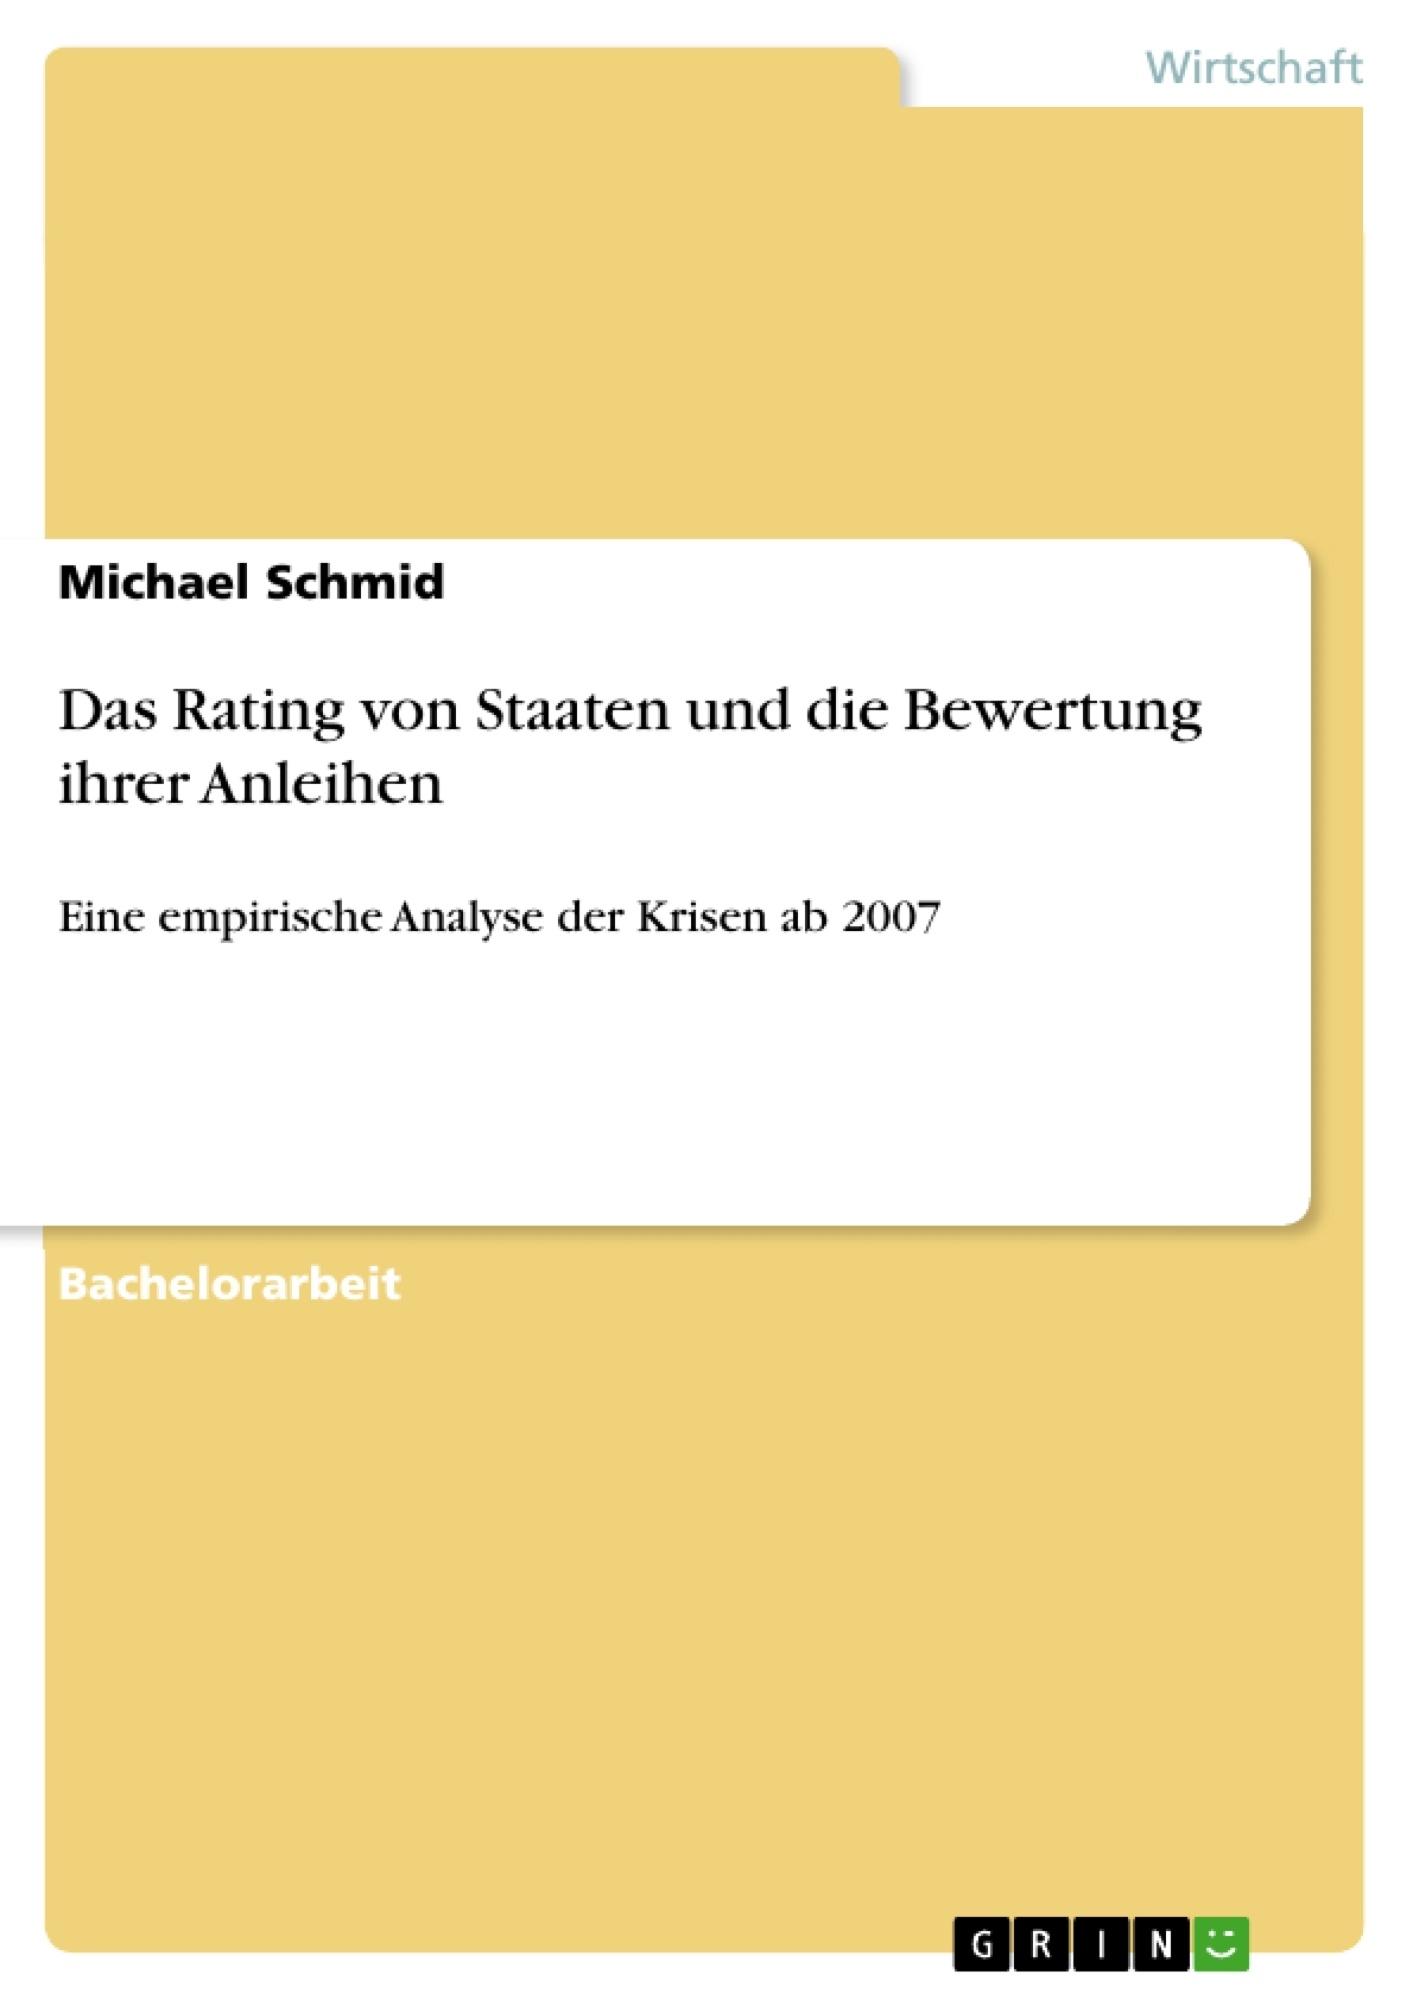 Titel: Das Rating von Staaten und die Bewertung ihrer Anleihen